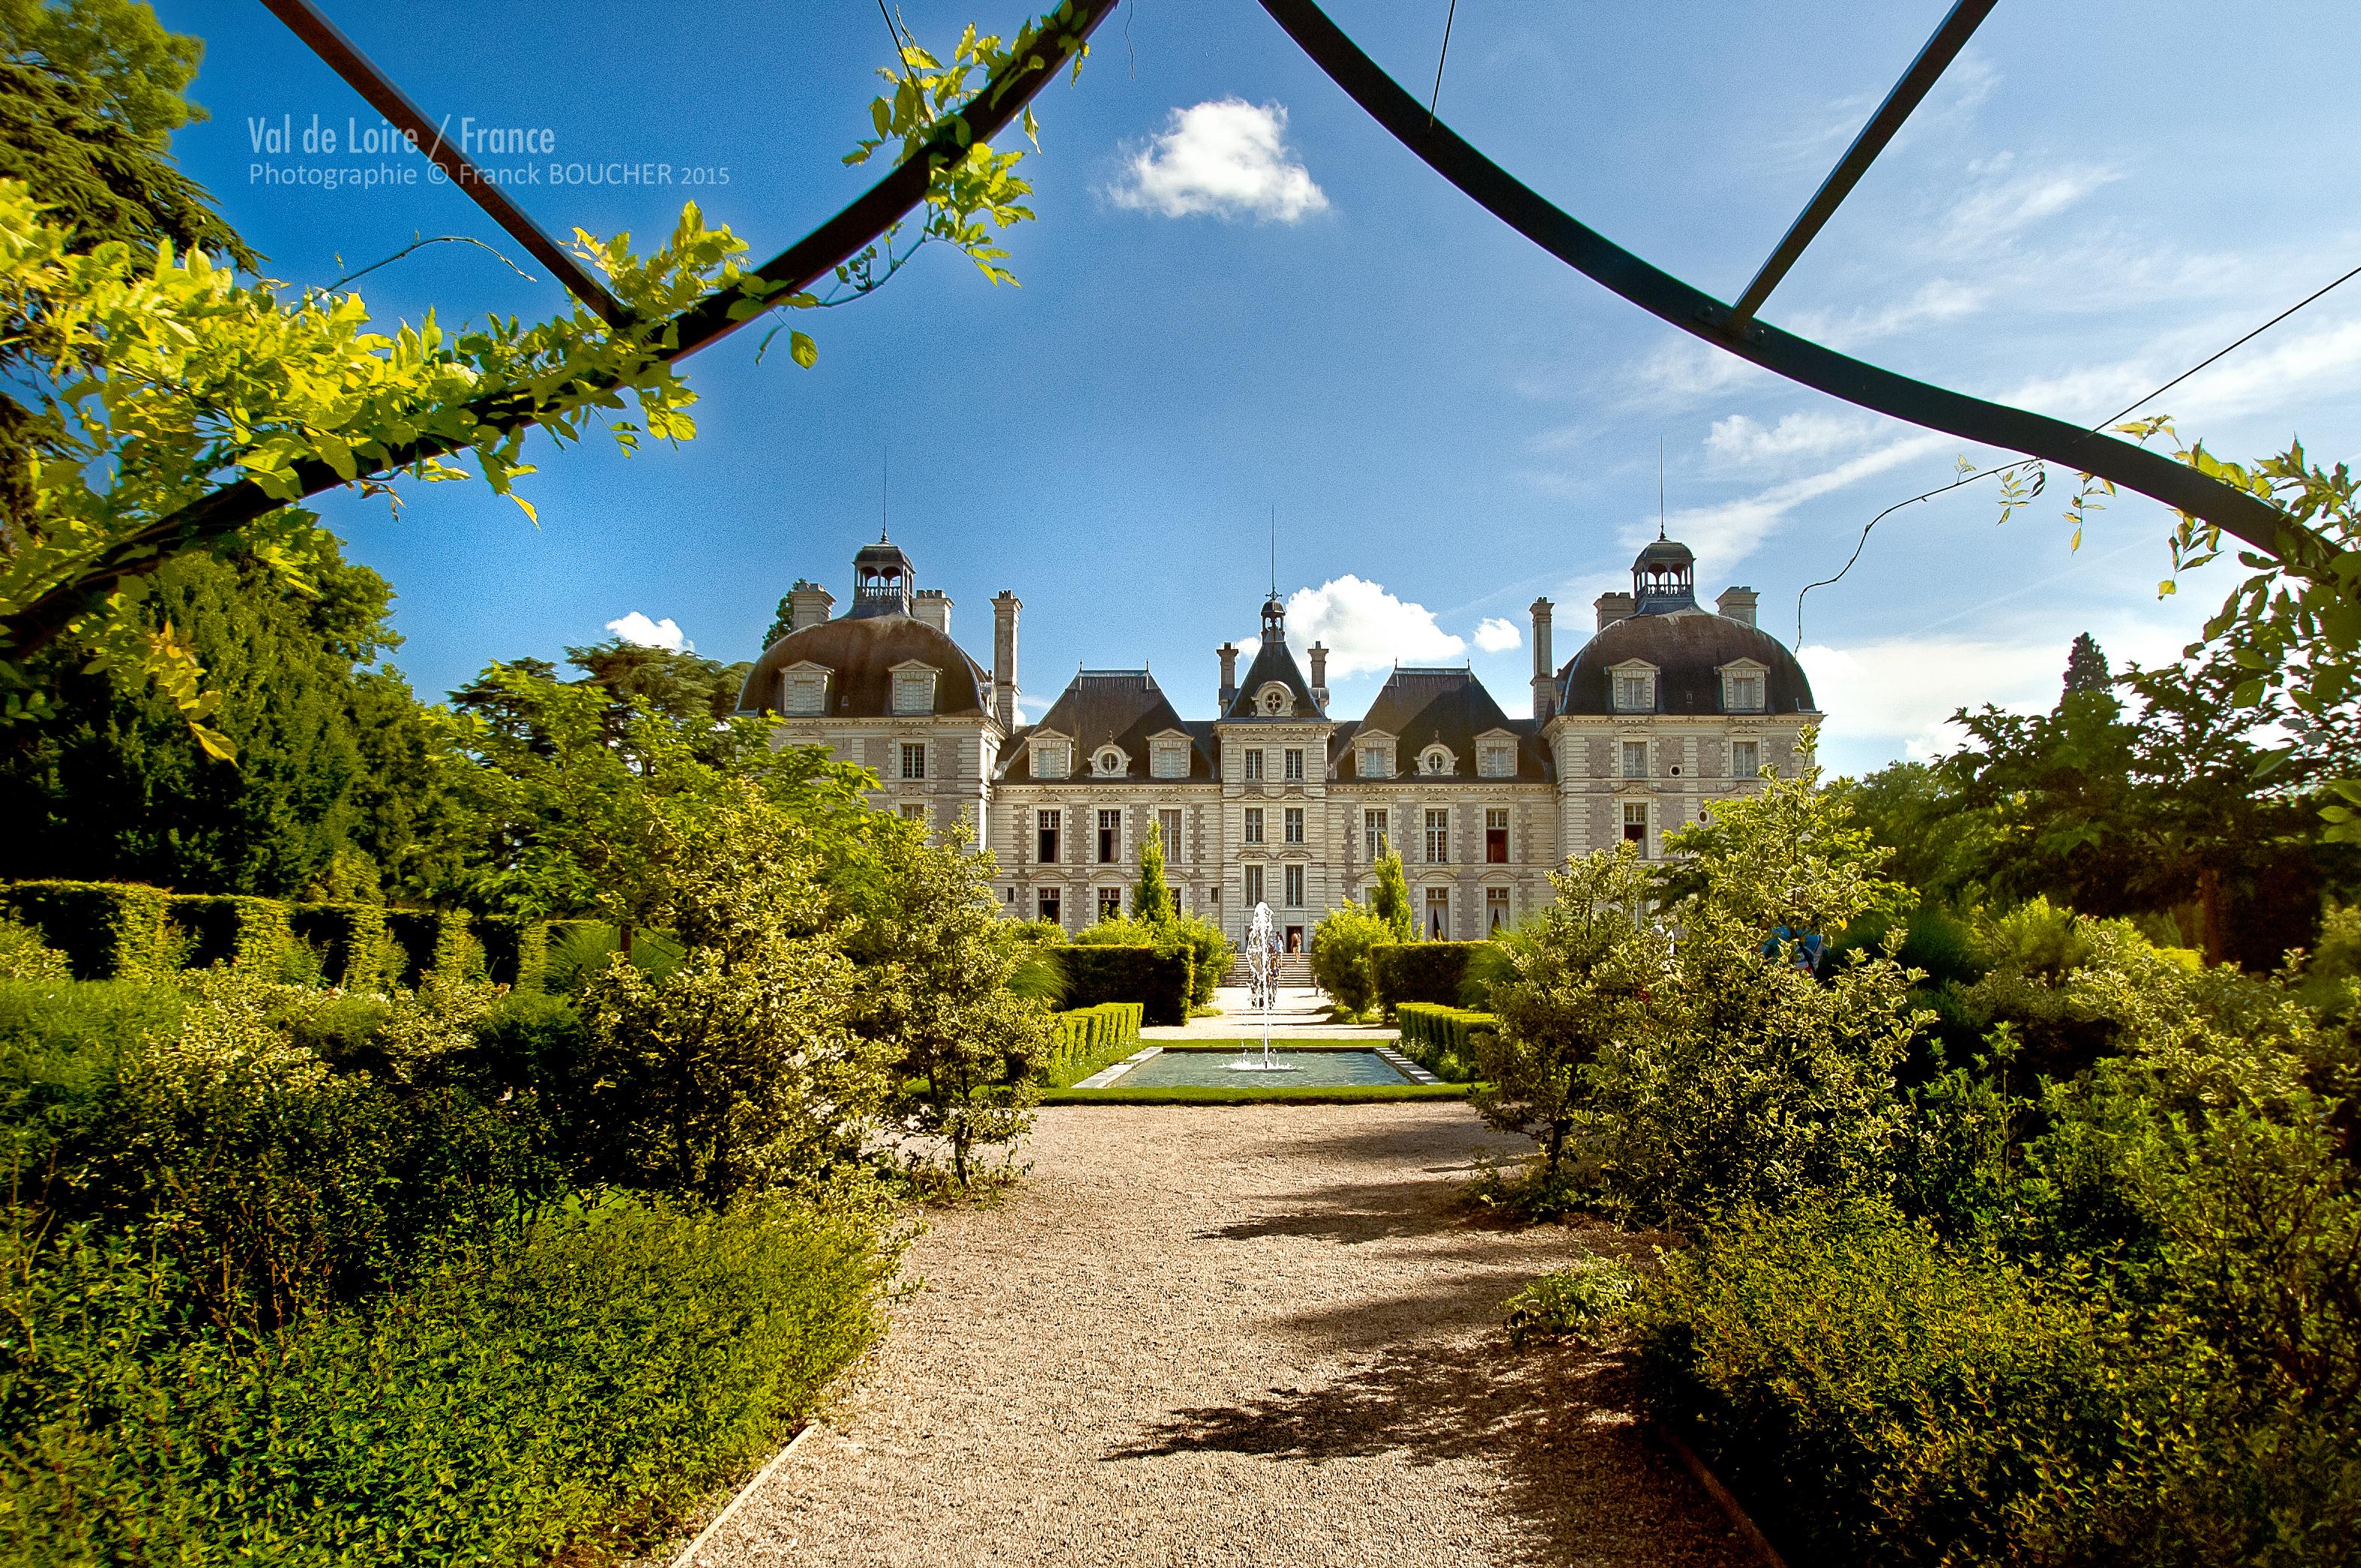 ref-chateau_de_cheverny-2